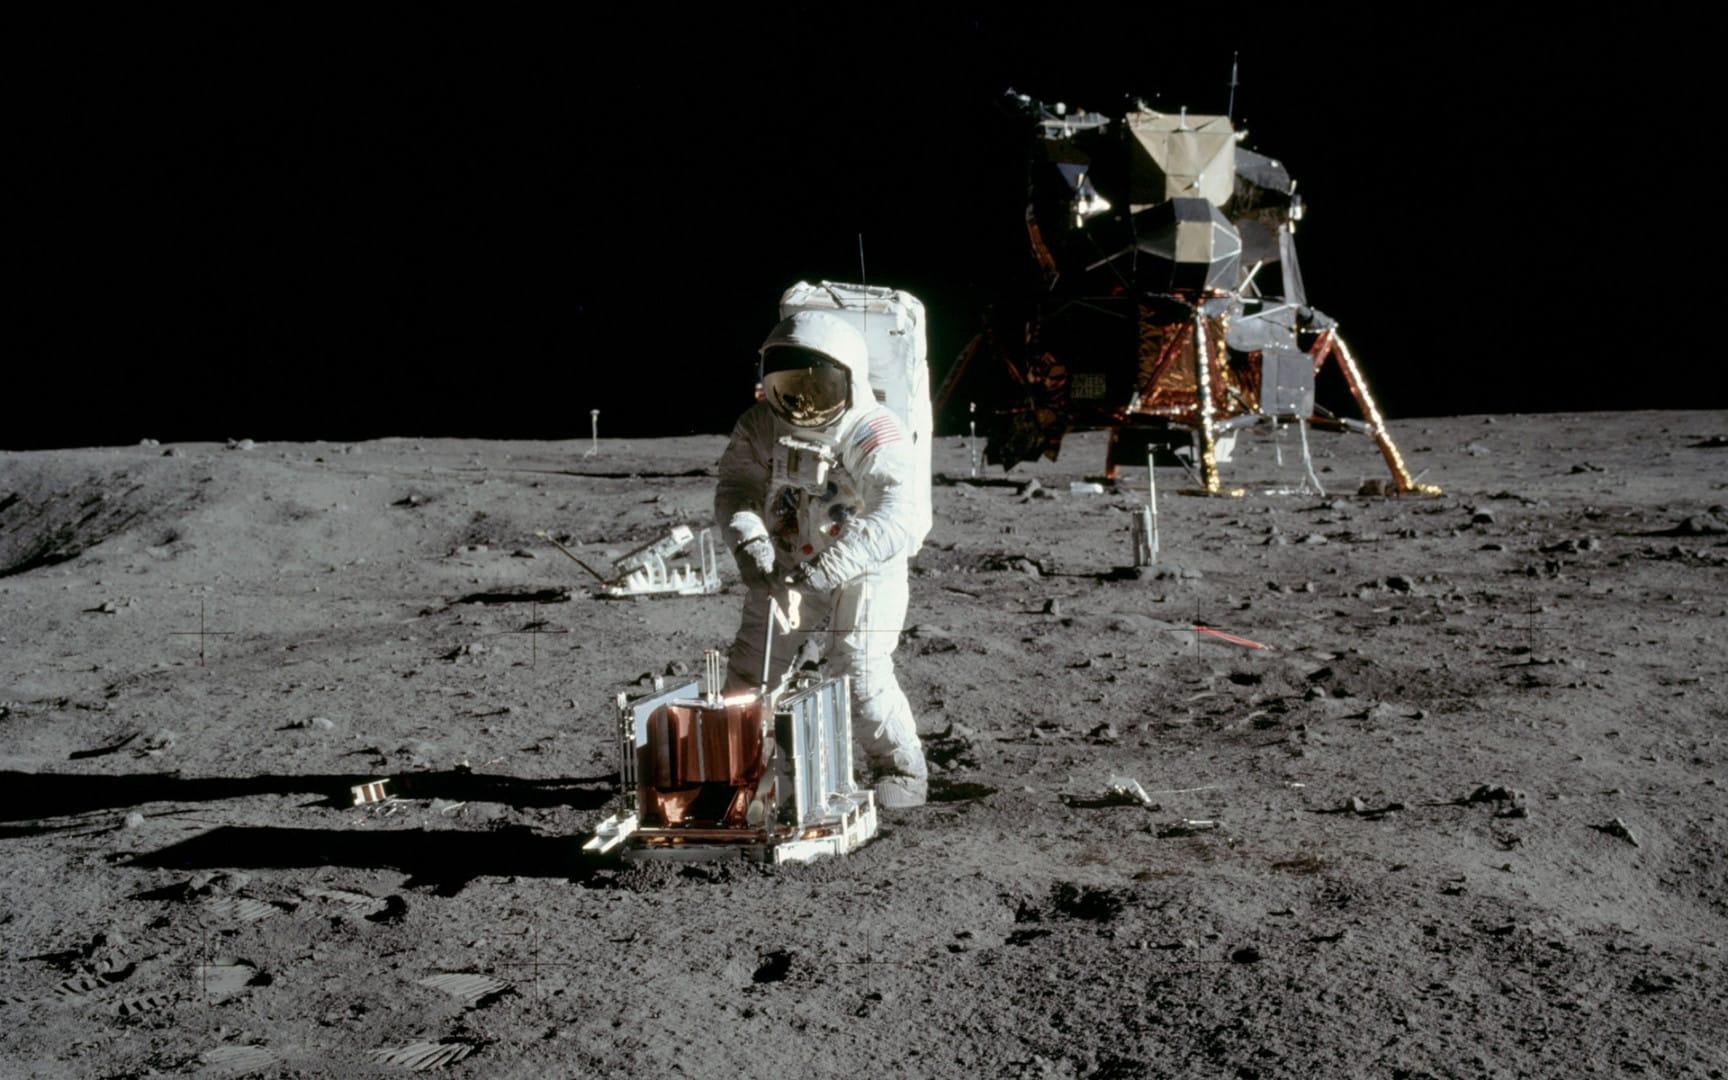 Astronauti su na Mjesecu ostavili instrumente koji su i danas u funkciji (Foto: NASA)